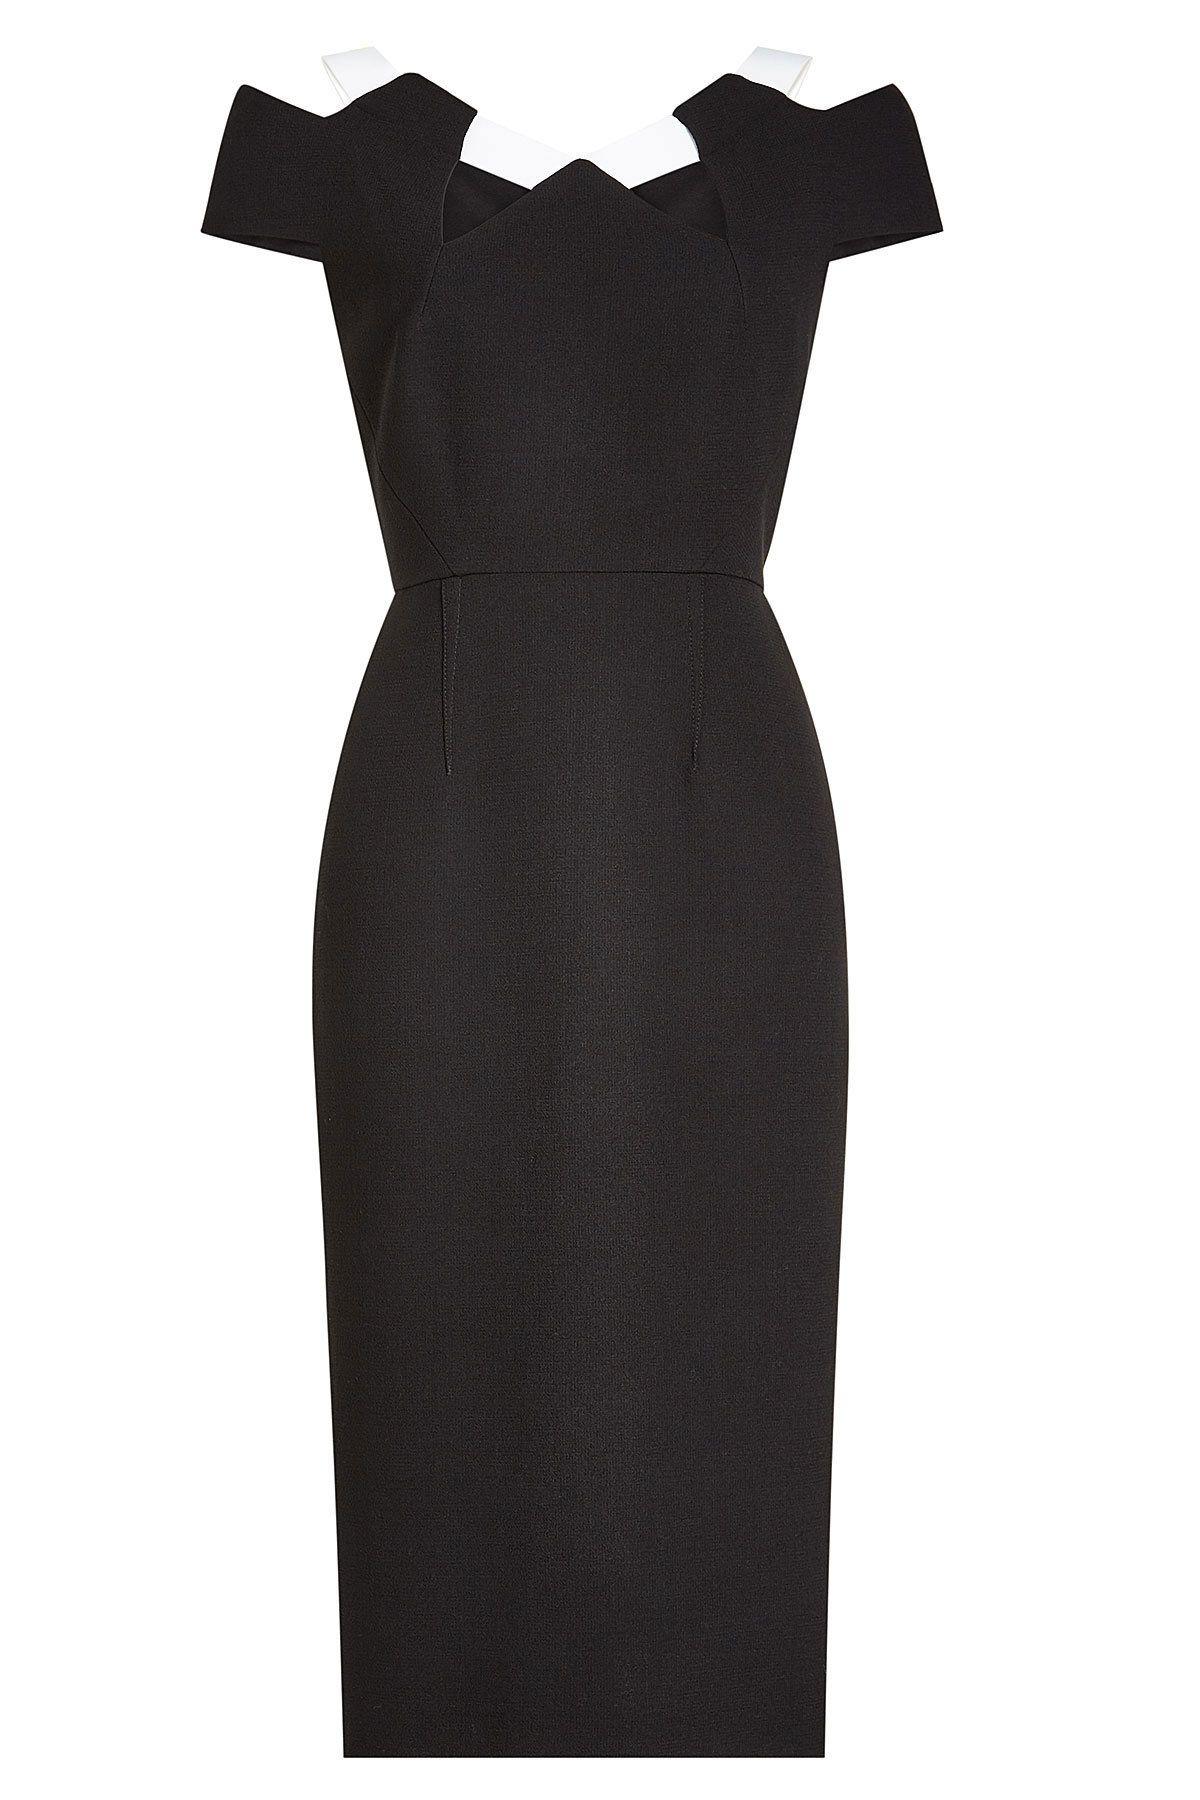 9a162c7dc70 Roland Mouret - Wool Dress